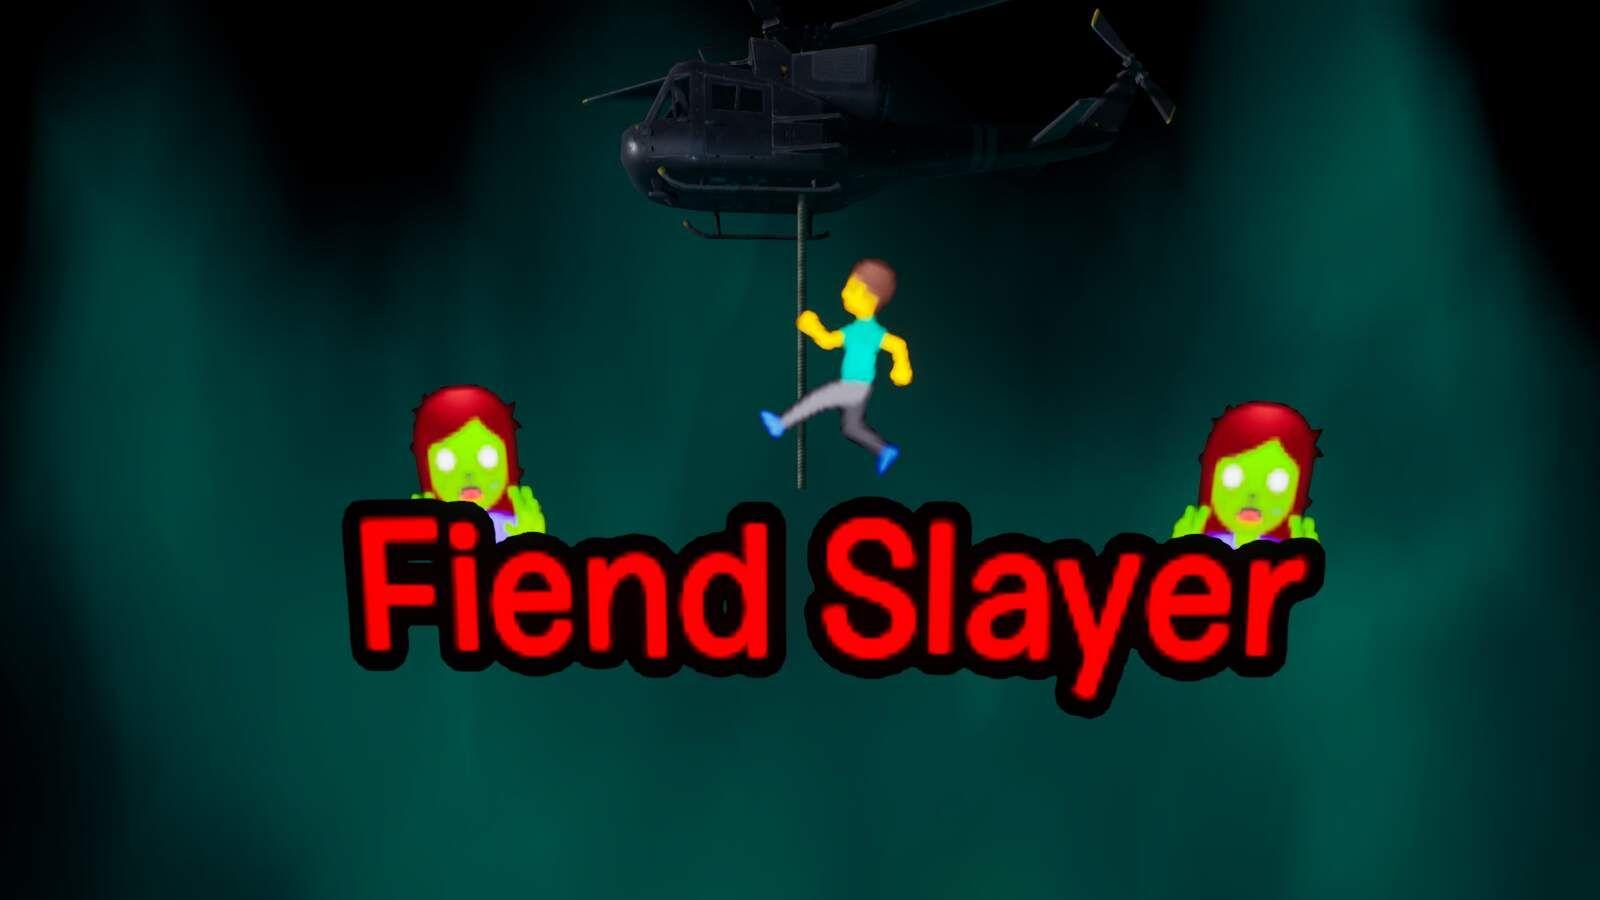 Fiend Slayer 9511-5655-7140 by spazy64